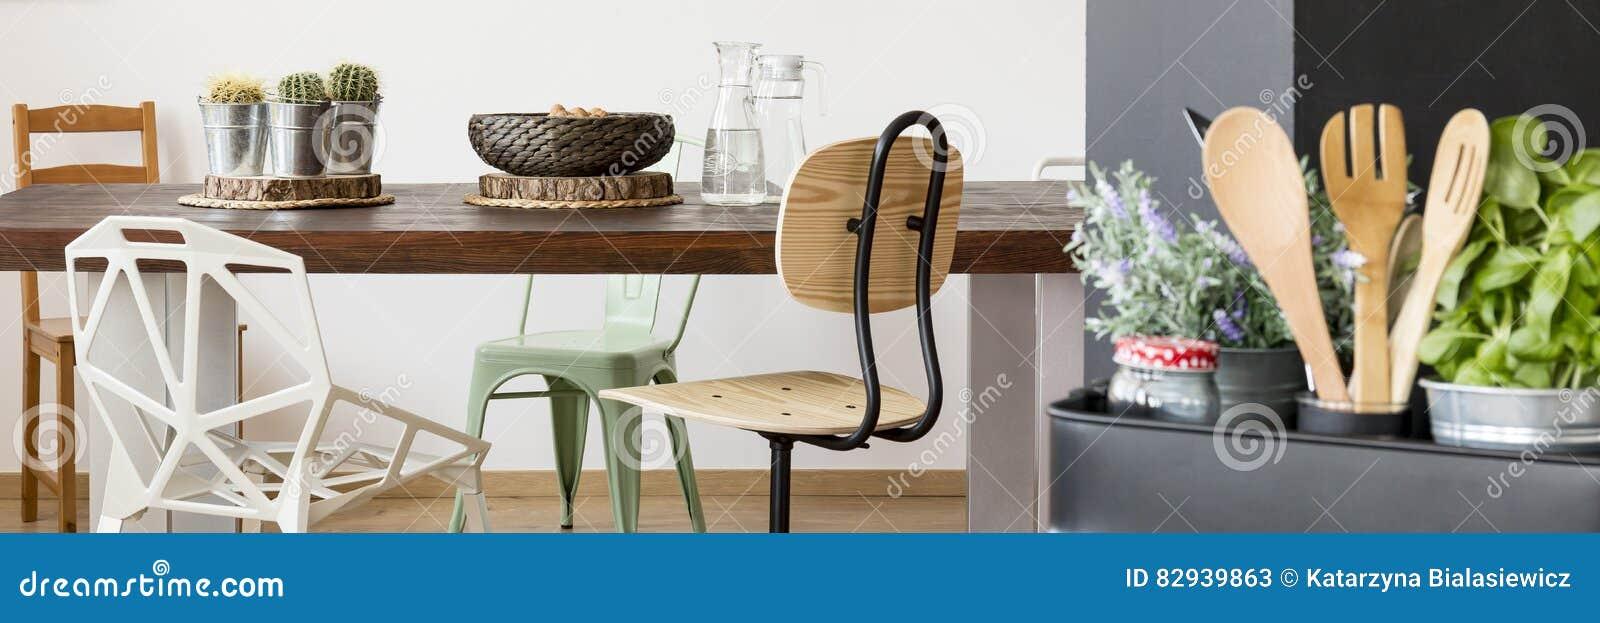 Drewniany Stół Krzesła I Kuchni Naczynia Obraz Stock